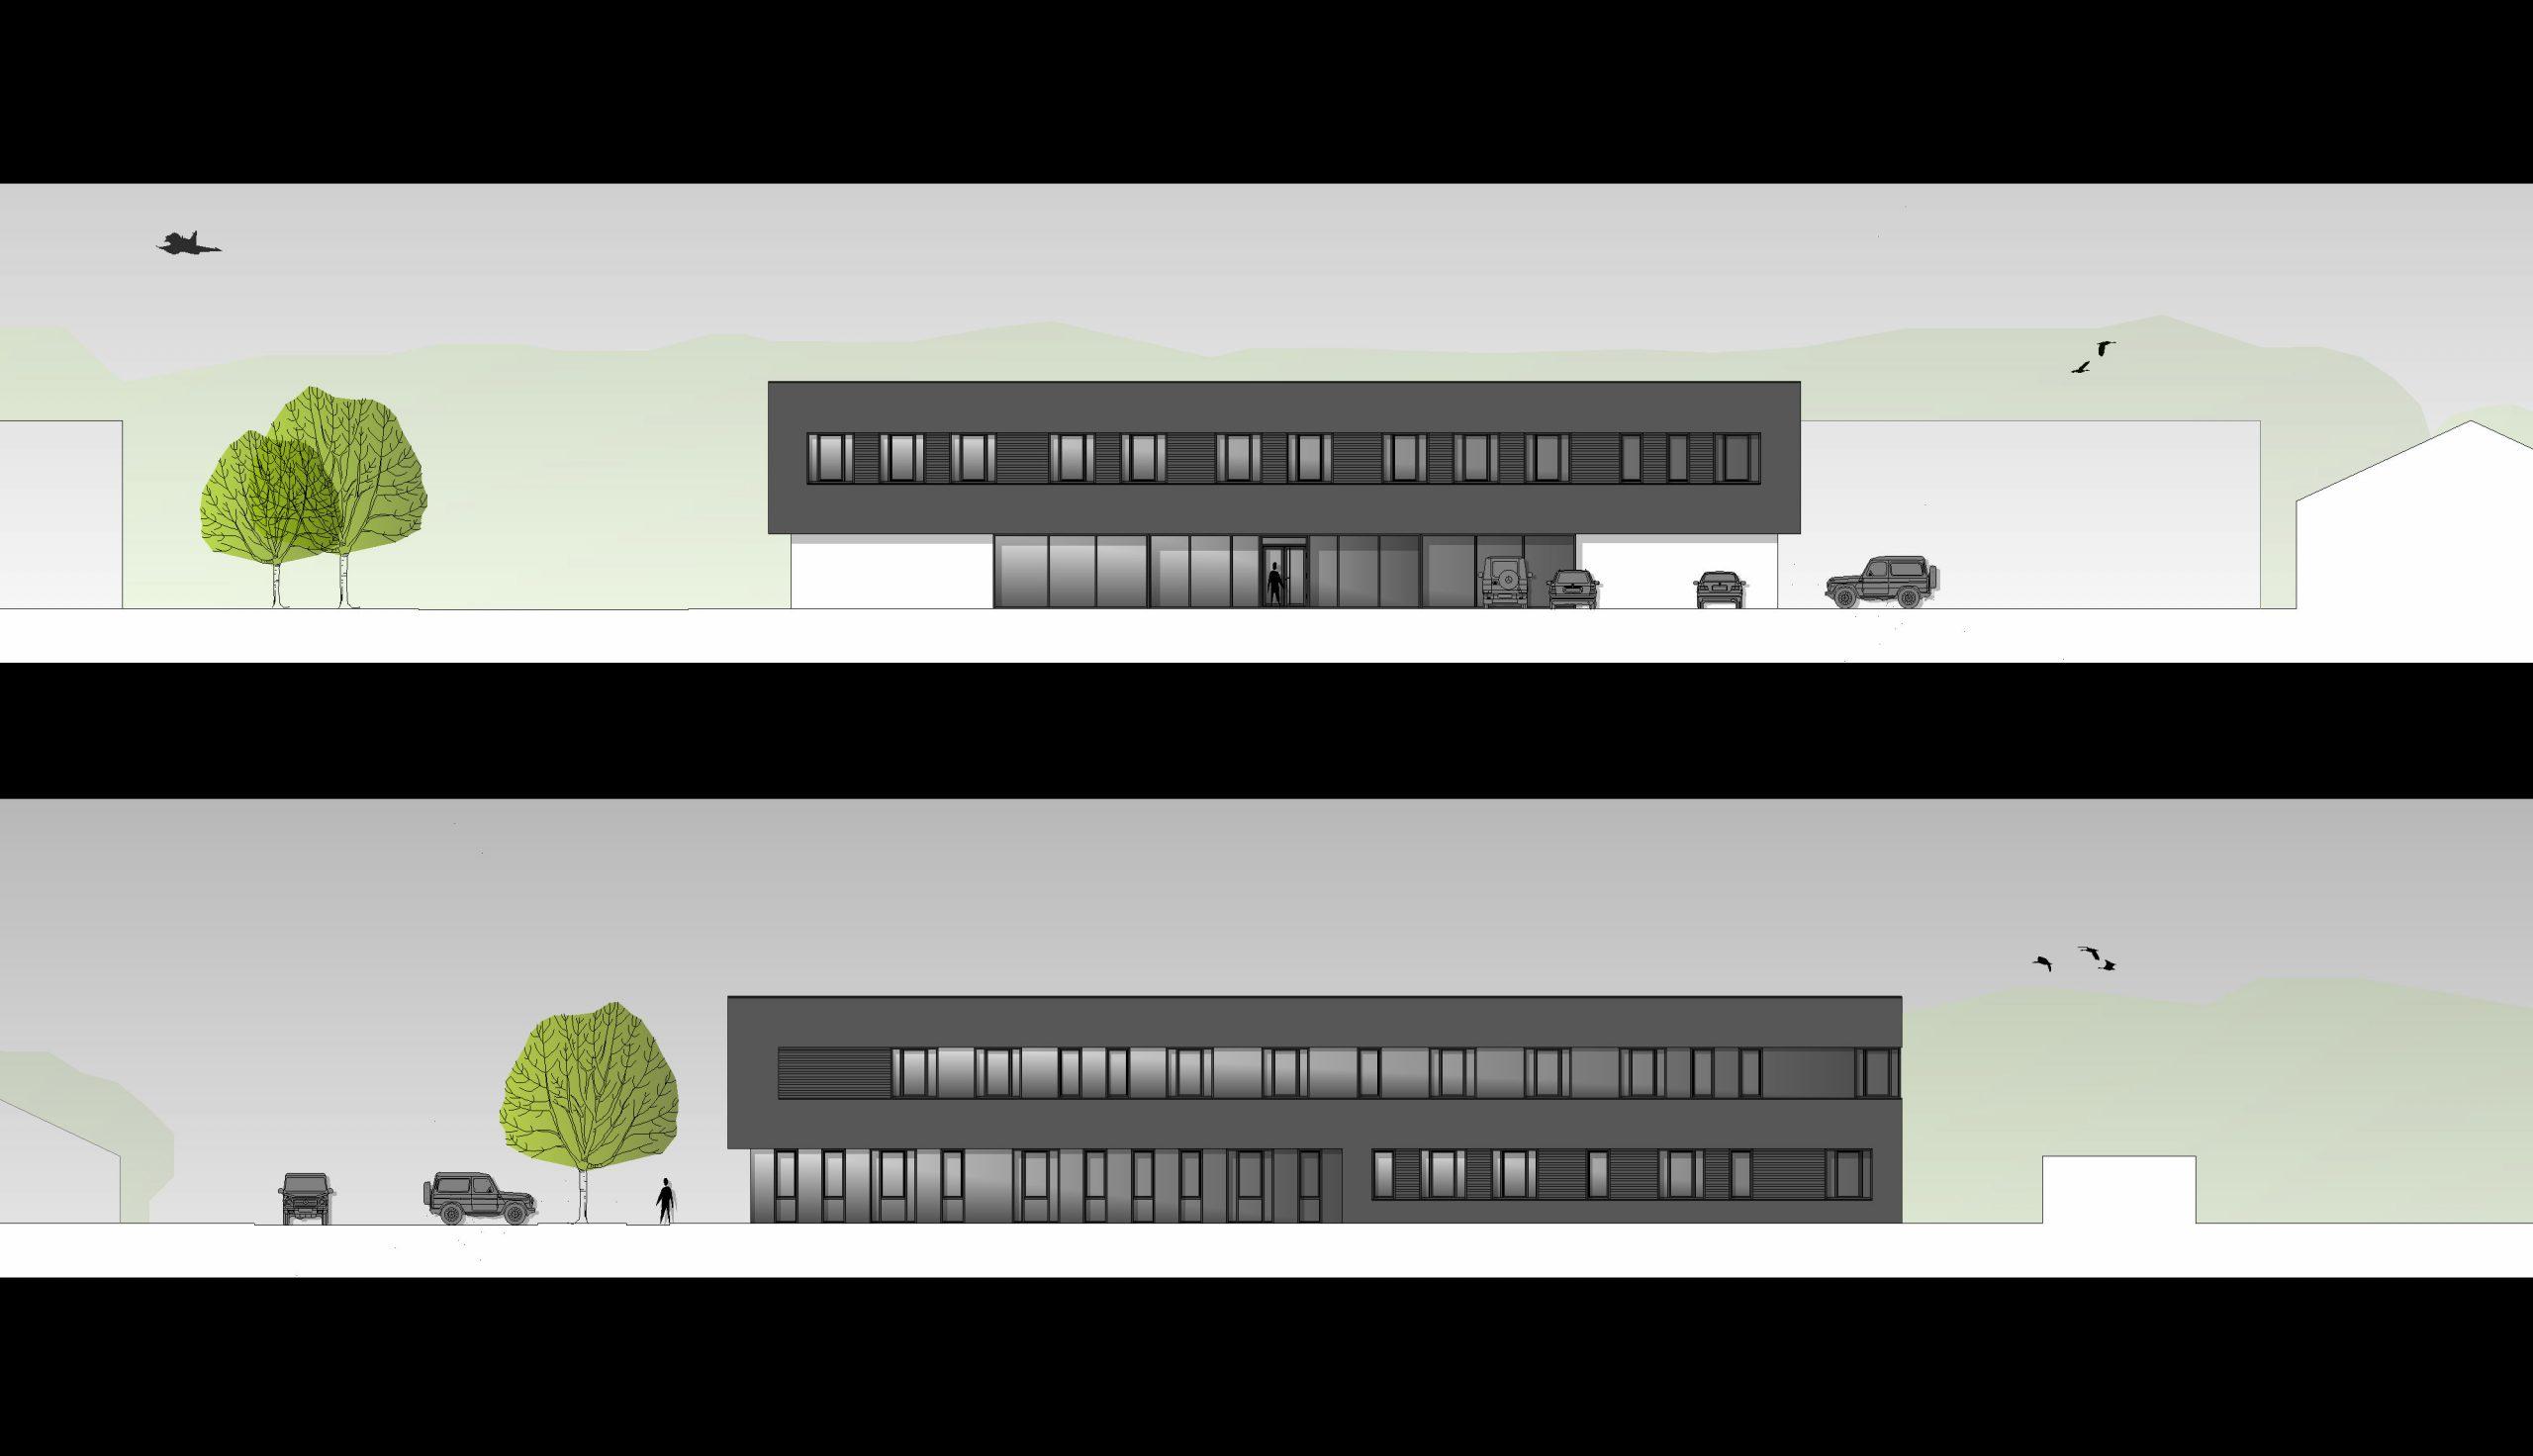 Projektbild 2, Stabsgebäude  |  Laage